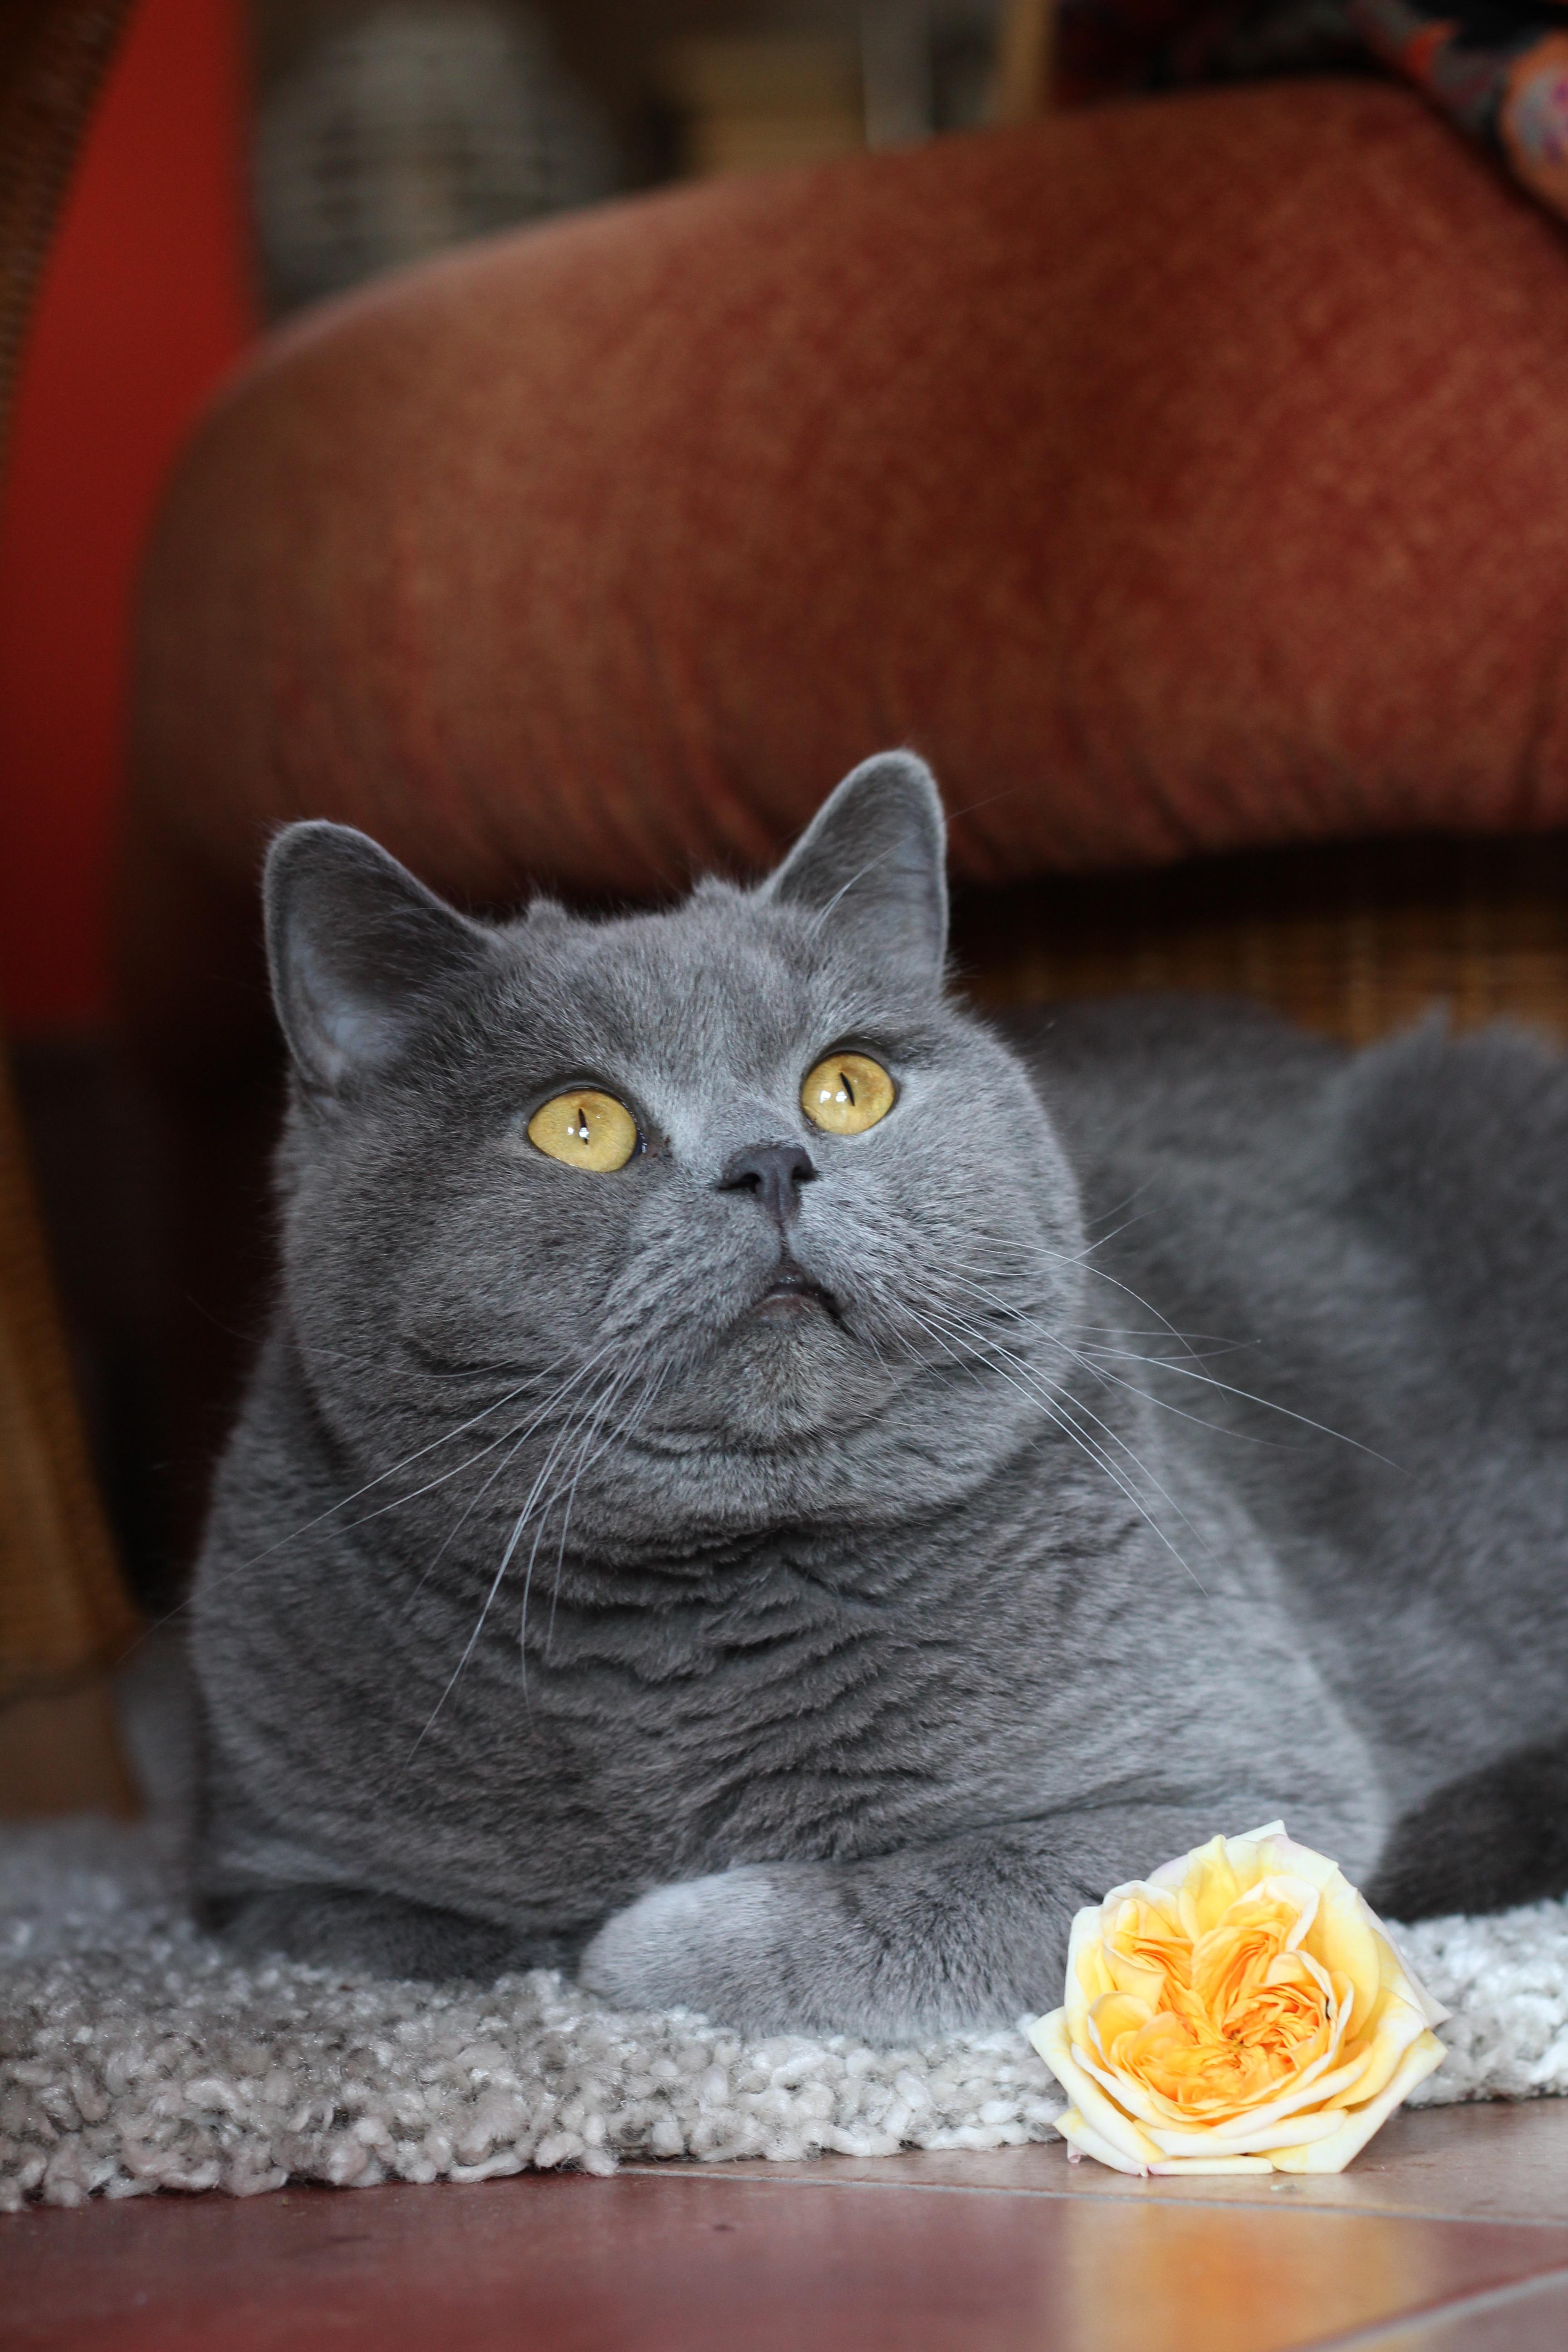 hình ảnh : vật nuôi, Lông thú, bông hồng, con mèo, Động vật có vú, Râu, Adidas, Động vật có xương sống, Súc vật, mèo nhà, Giống mèo, mặt mèo, ...